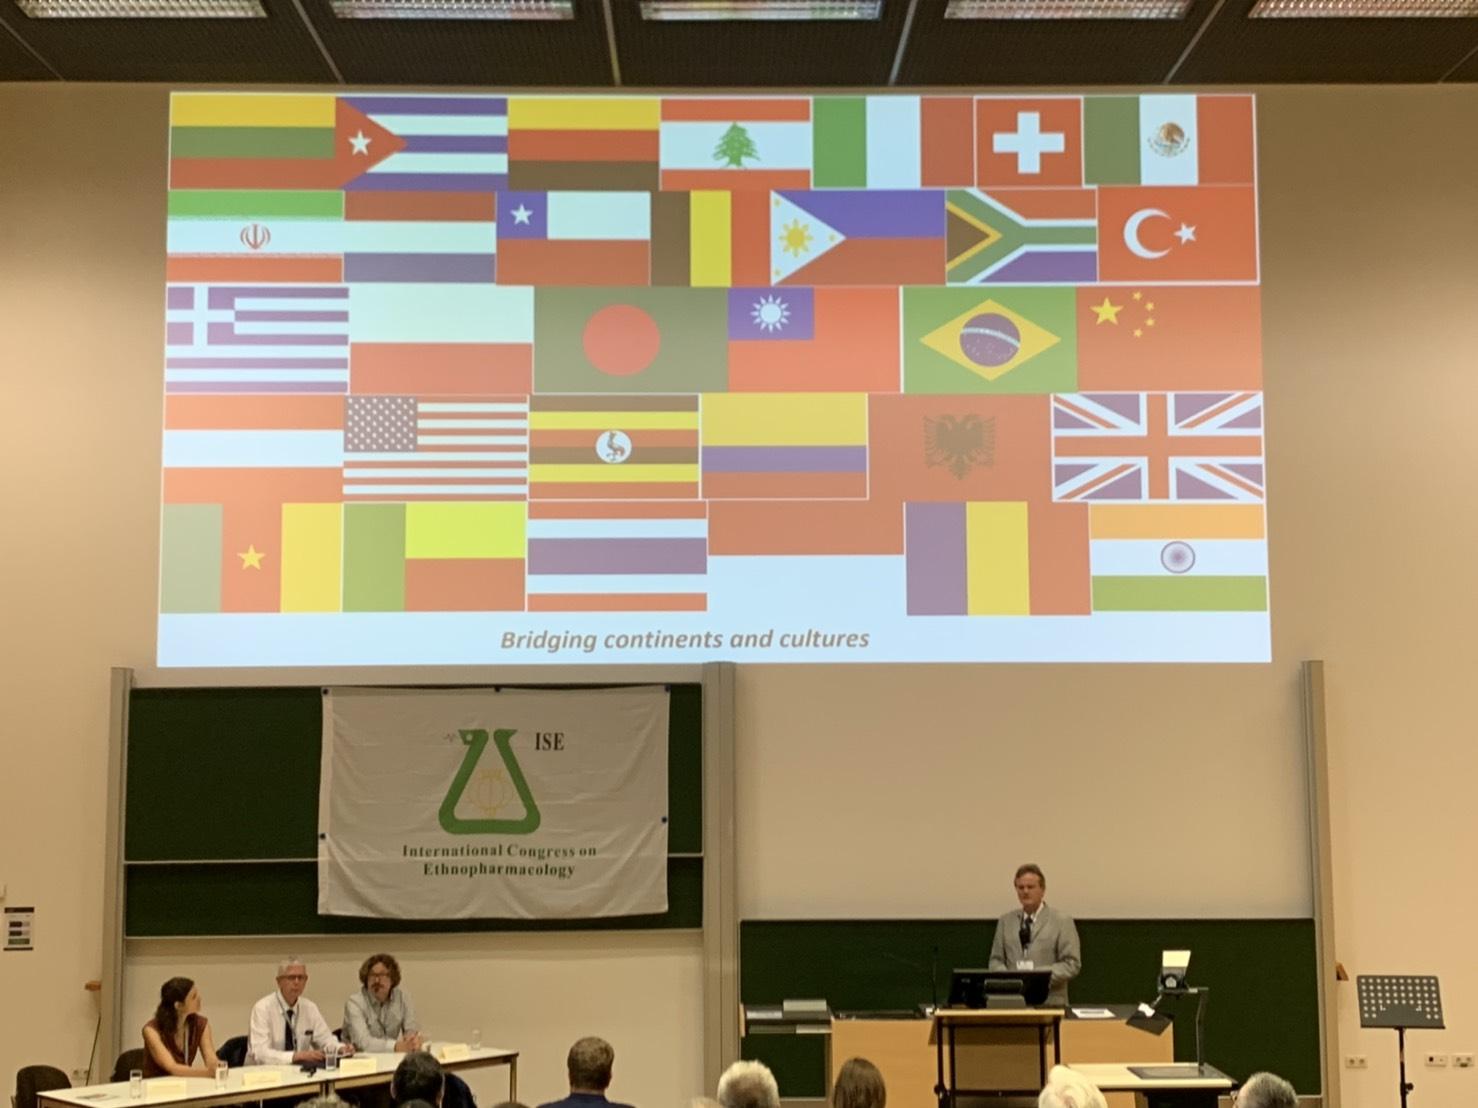 Opening Ceremony of International Congress on Ethnopharmacology